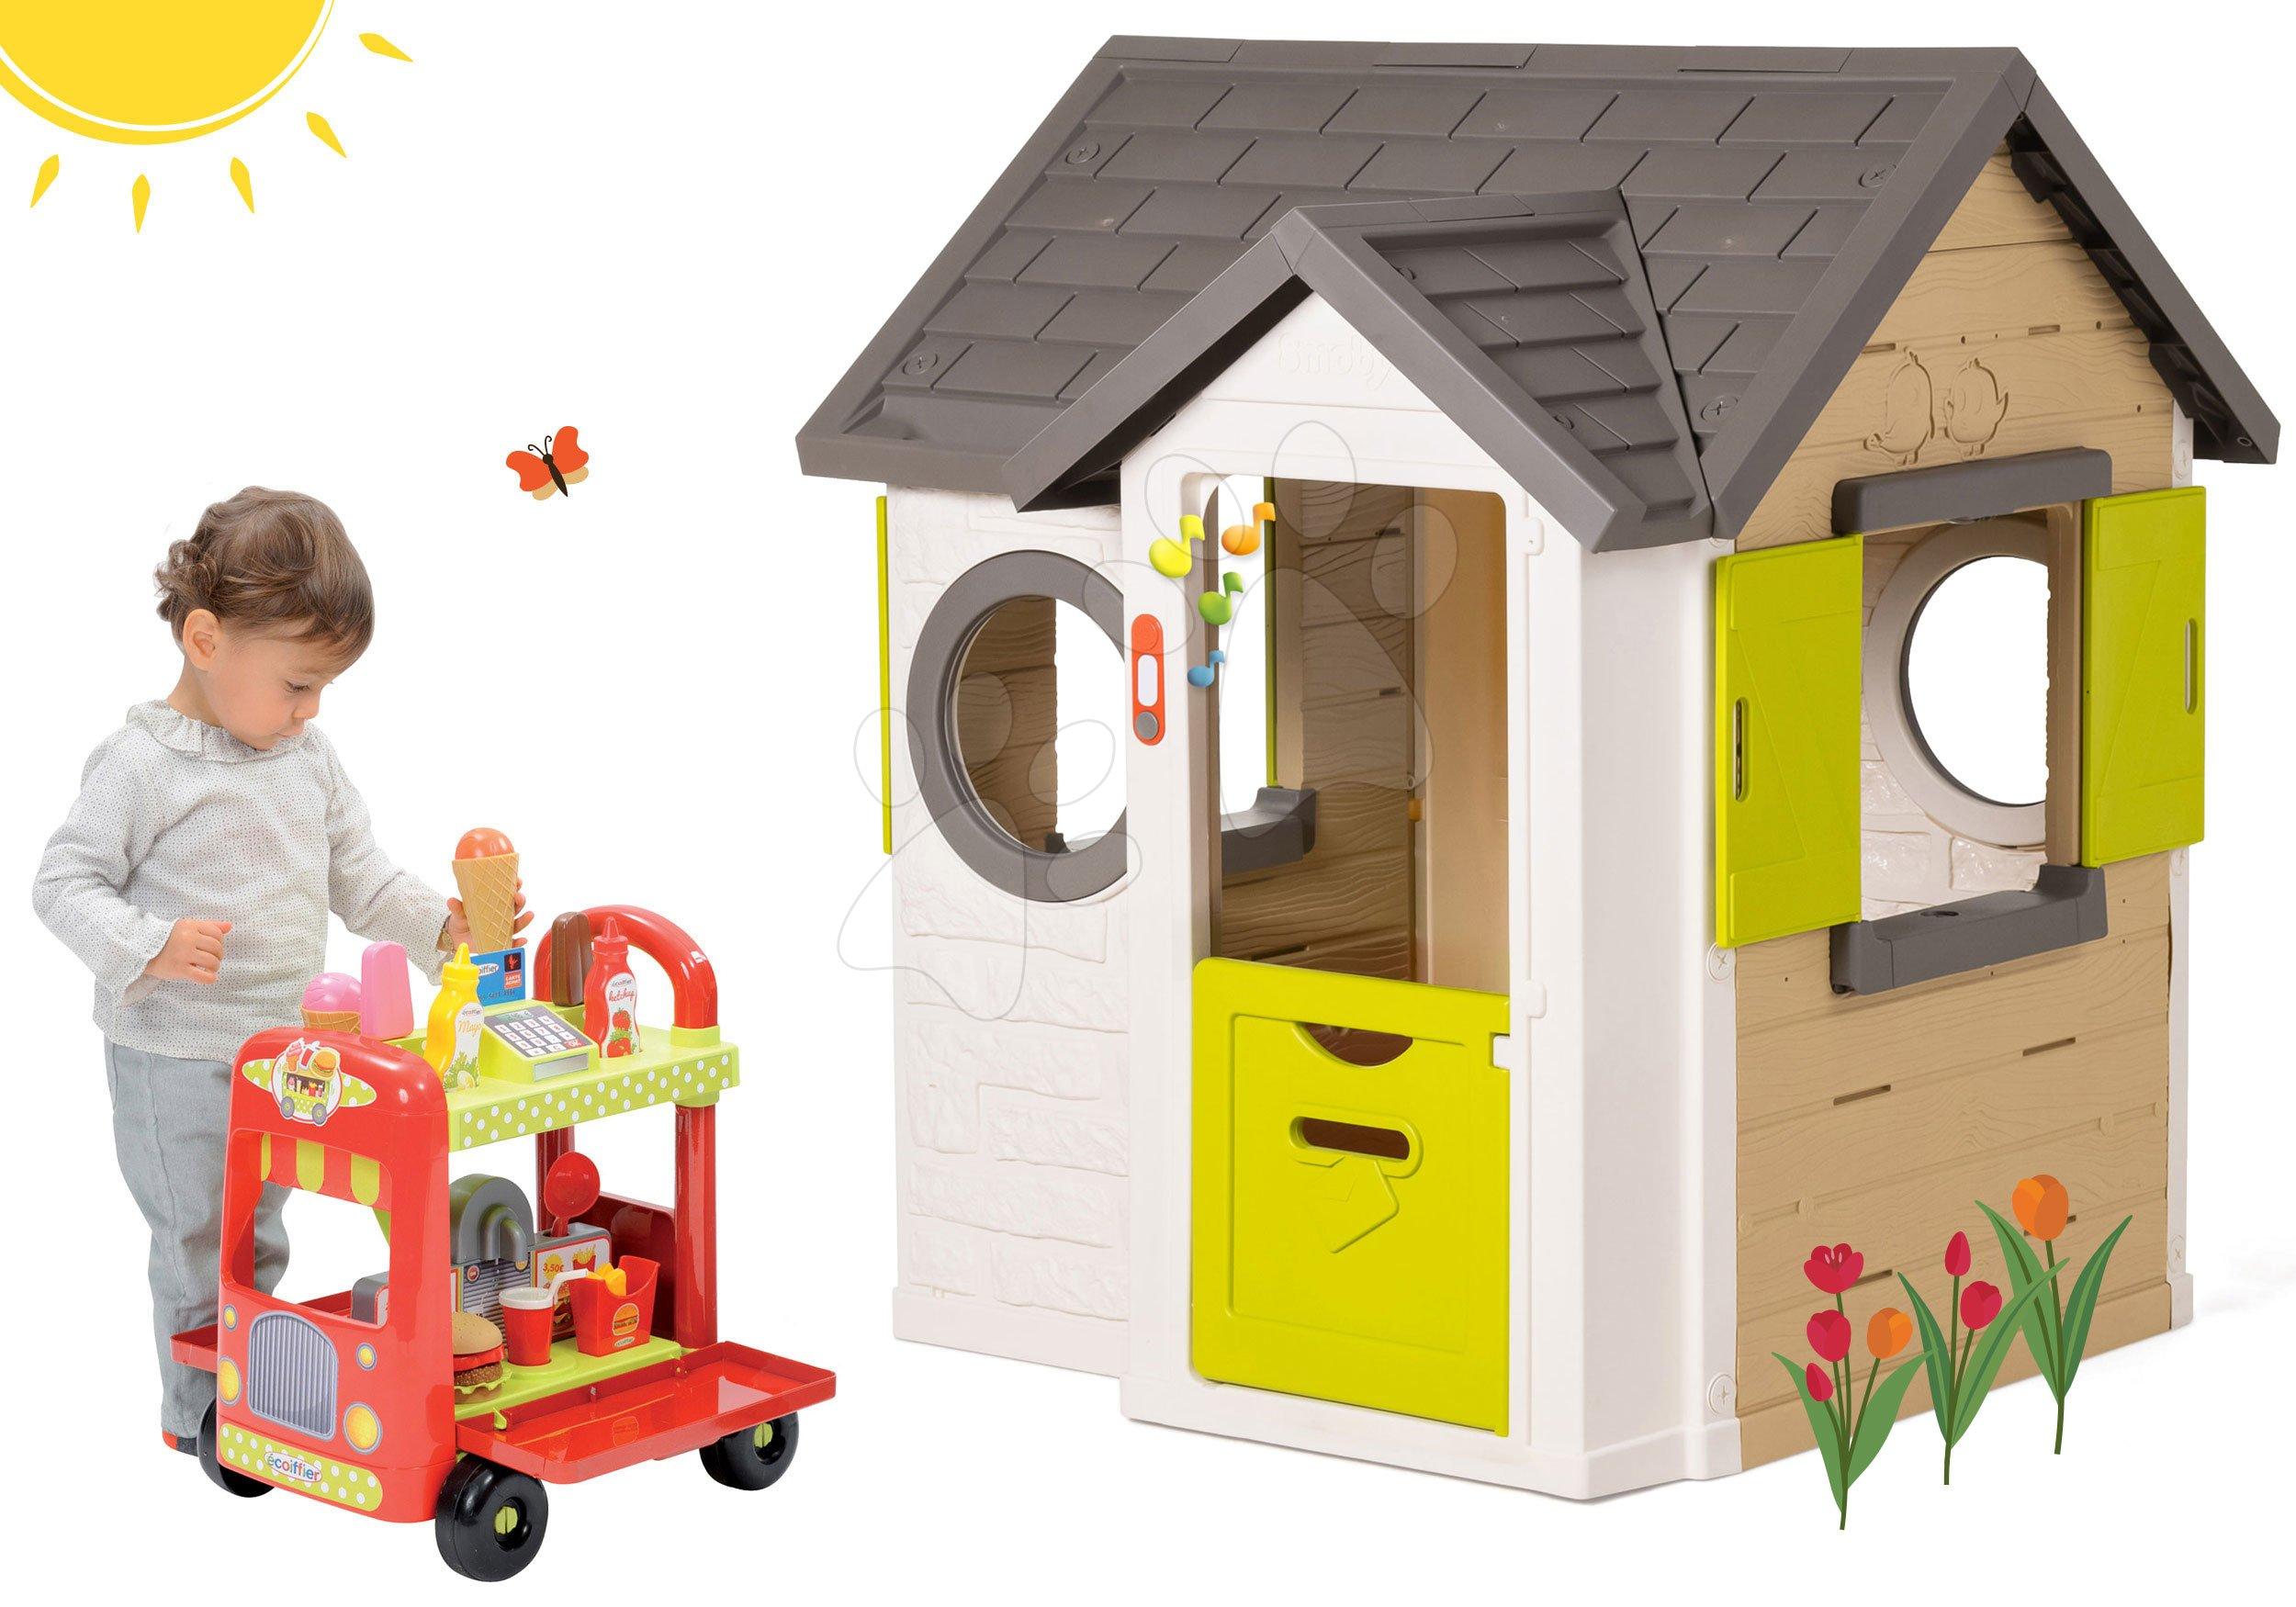 Set domeček My Neo House DeLuxe Smoby s elektronickým zvonkem a vozík se zmrzlinou a hamburgery od 2 let